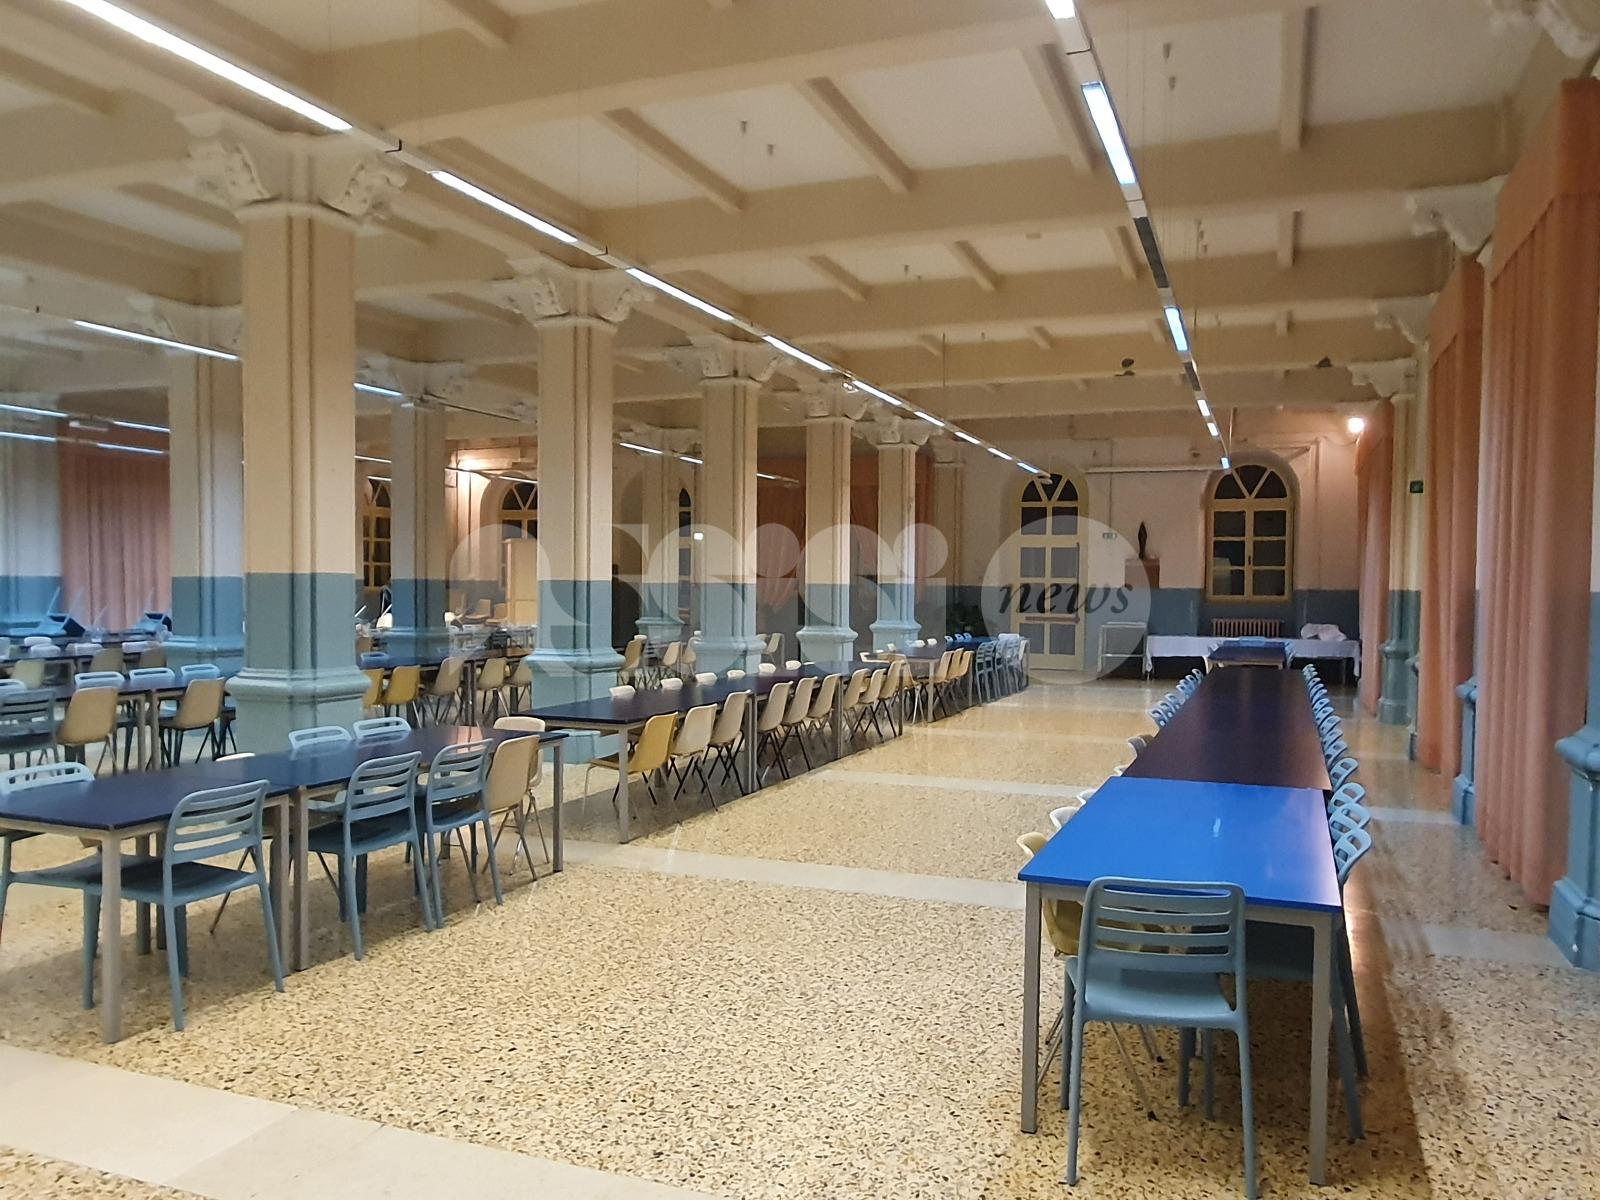 Convitto Nazionale di Assisi, svolta sostenibile: la mensa diventa bio